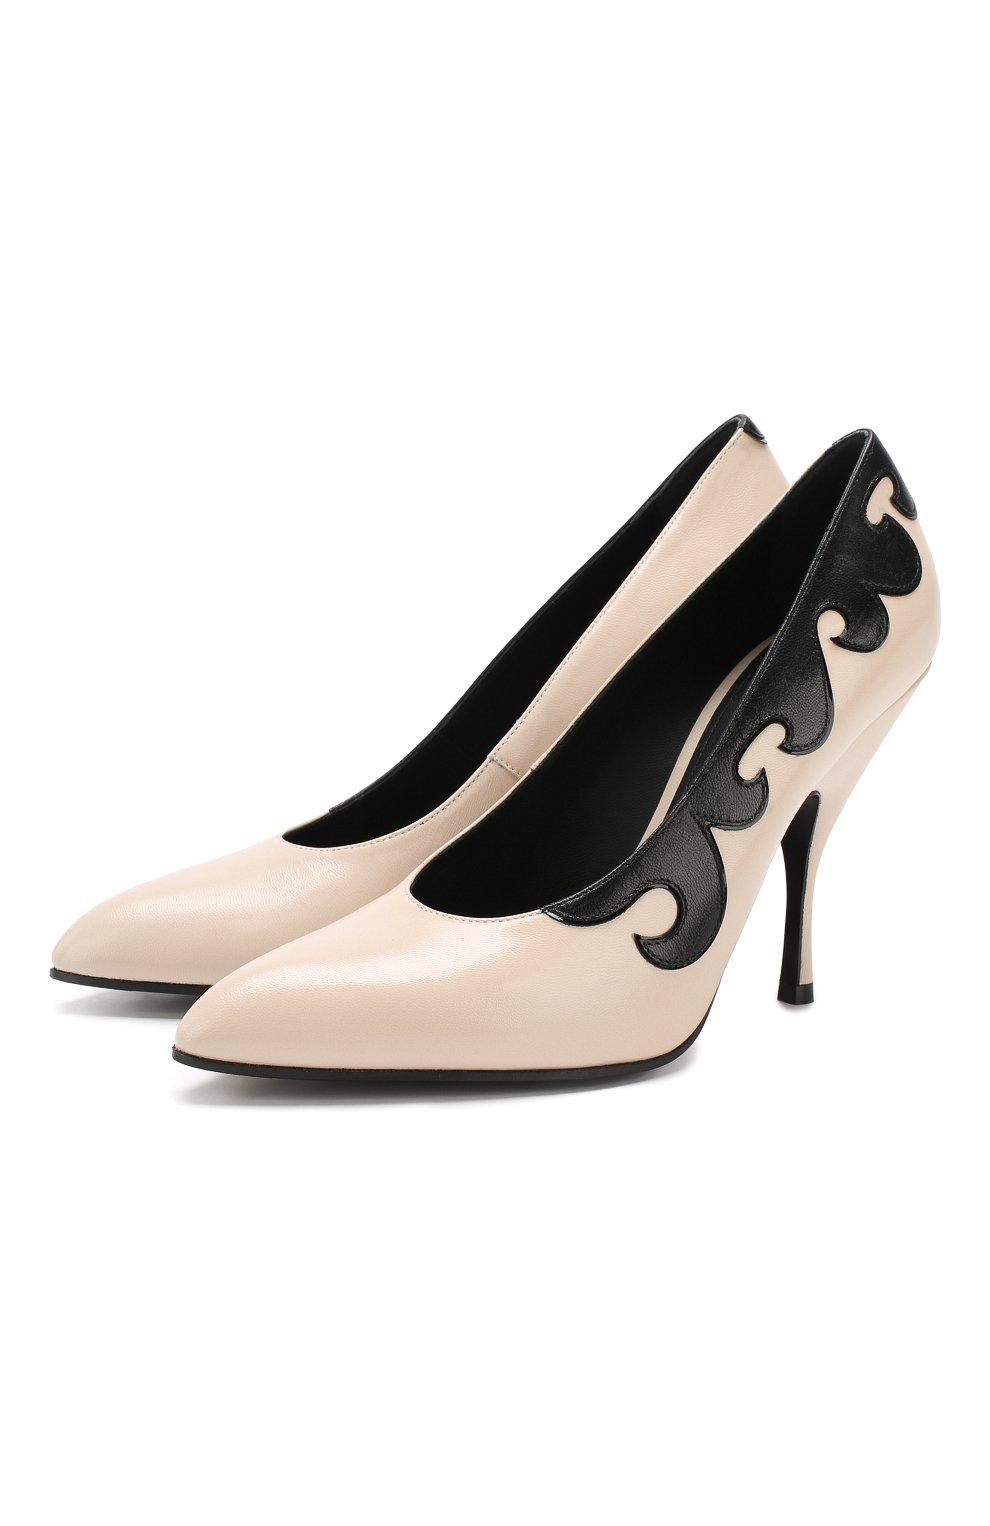 4f1f2b8dd10e Женские бежевые кожаные туфли с аппликацией на шпильке BOTTEGA VENETA  Италия 5354440 533049/VX190